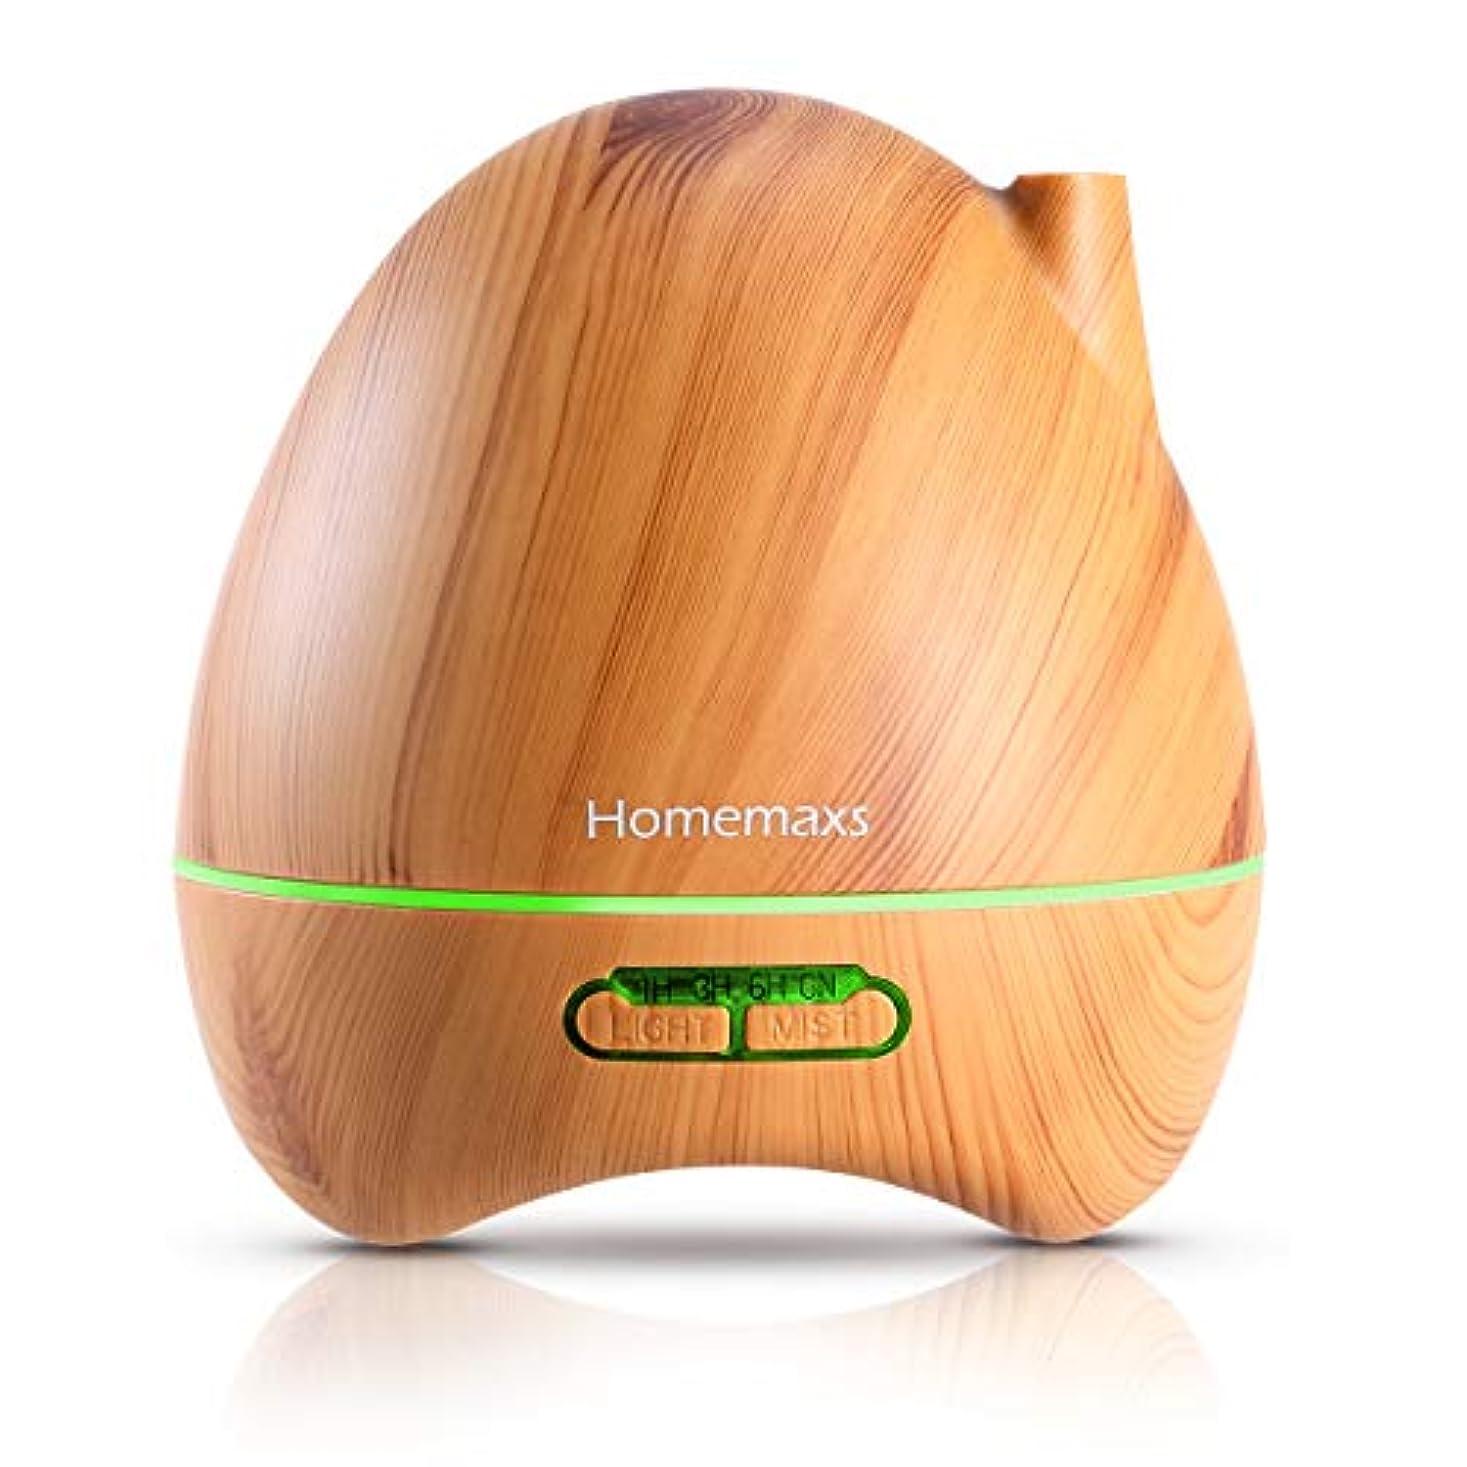 キラウエア山腸オープニング加湿器 アロマディフューザー HOMEMAXS 超音波  卓上加湿器 時間設定 空焚き防止 7色LEDライト 300ml 木目調